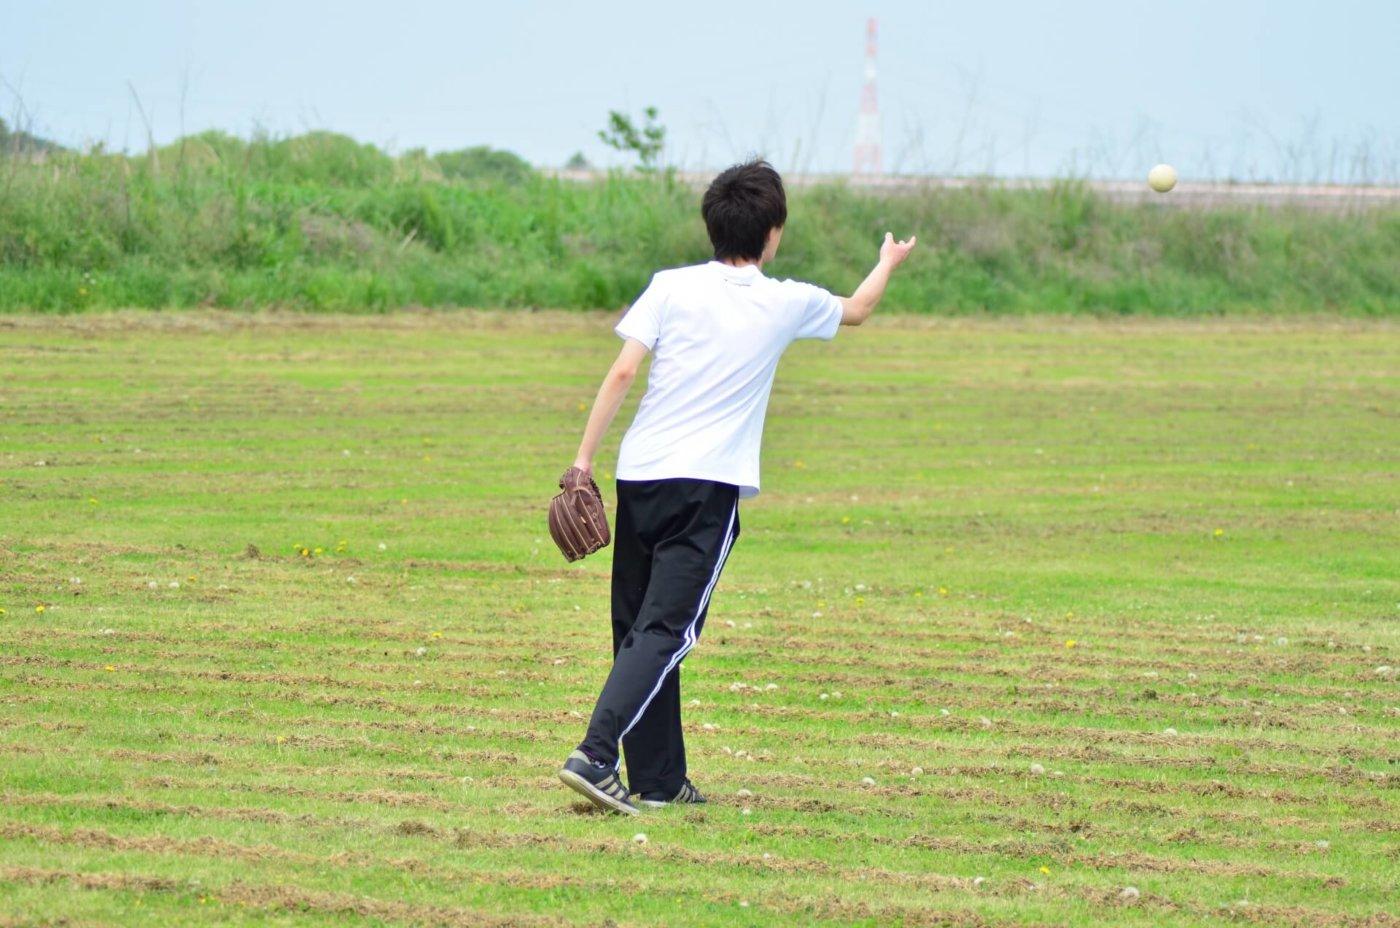 ソフトボール投げで使いたい〜遠投の距離を伸ばすためのトレーニングとは〜